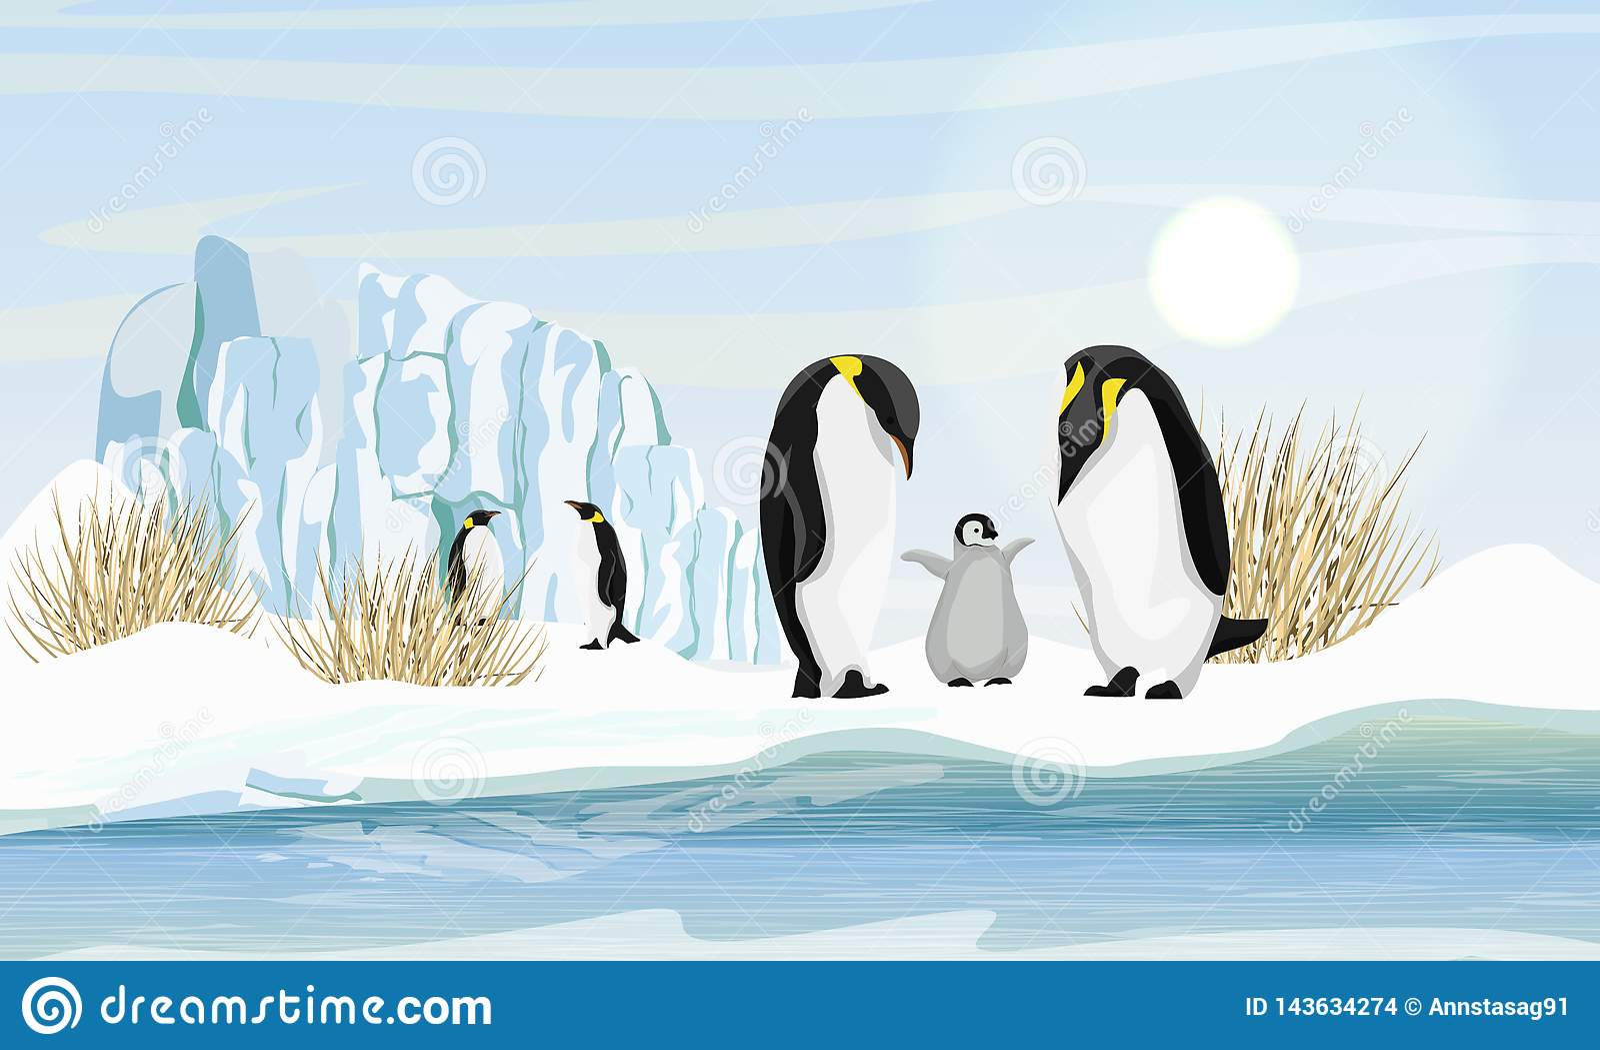 En familj av realistiska kejsarepingvin med en fågelunge vid havet eller havet Glaciär och torrt gräs